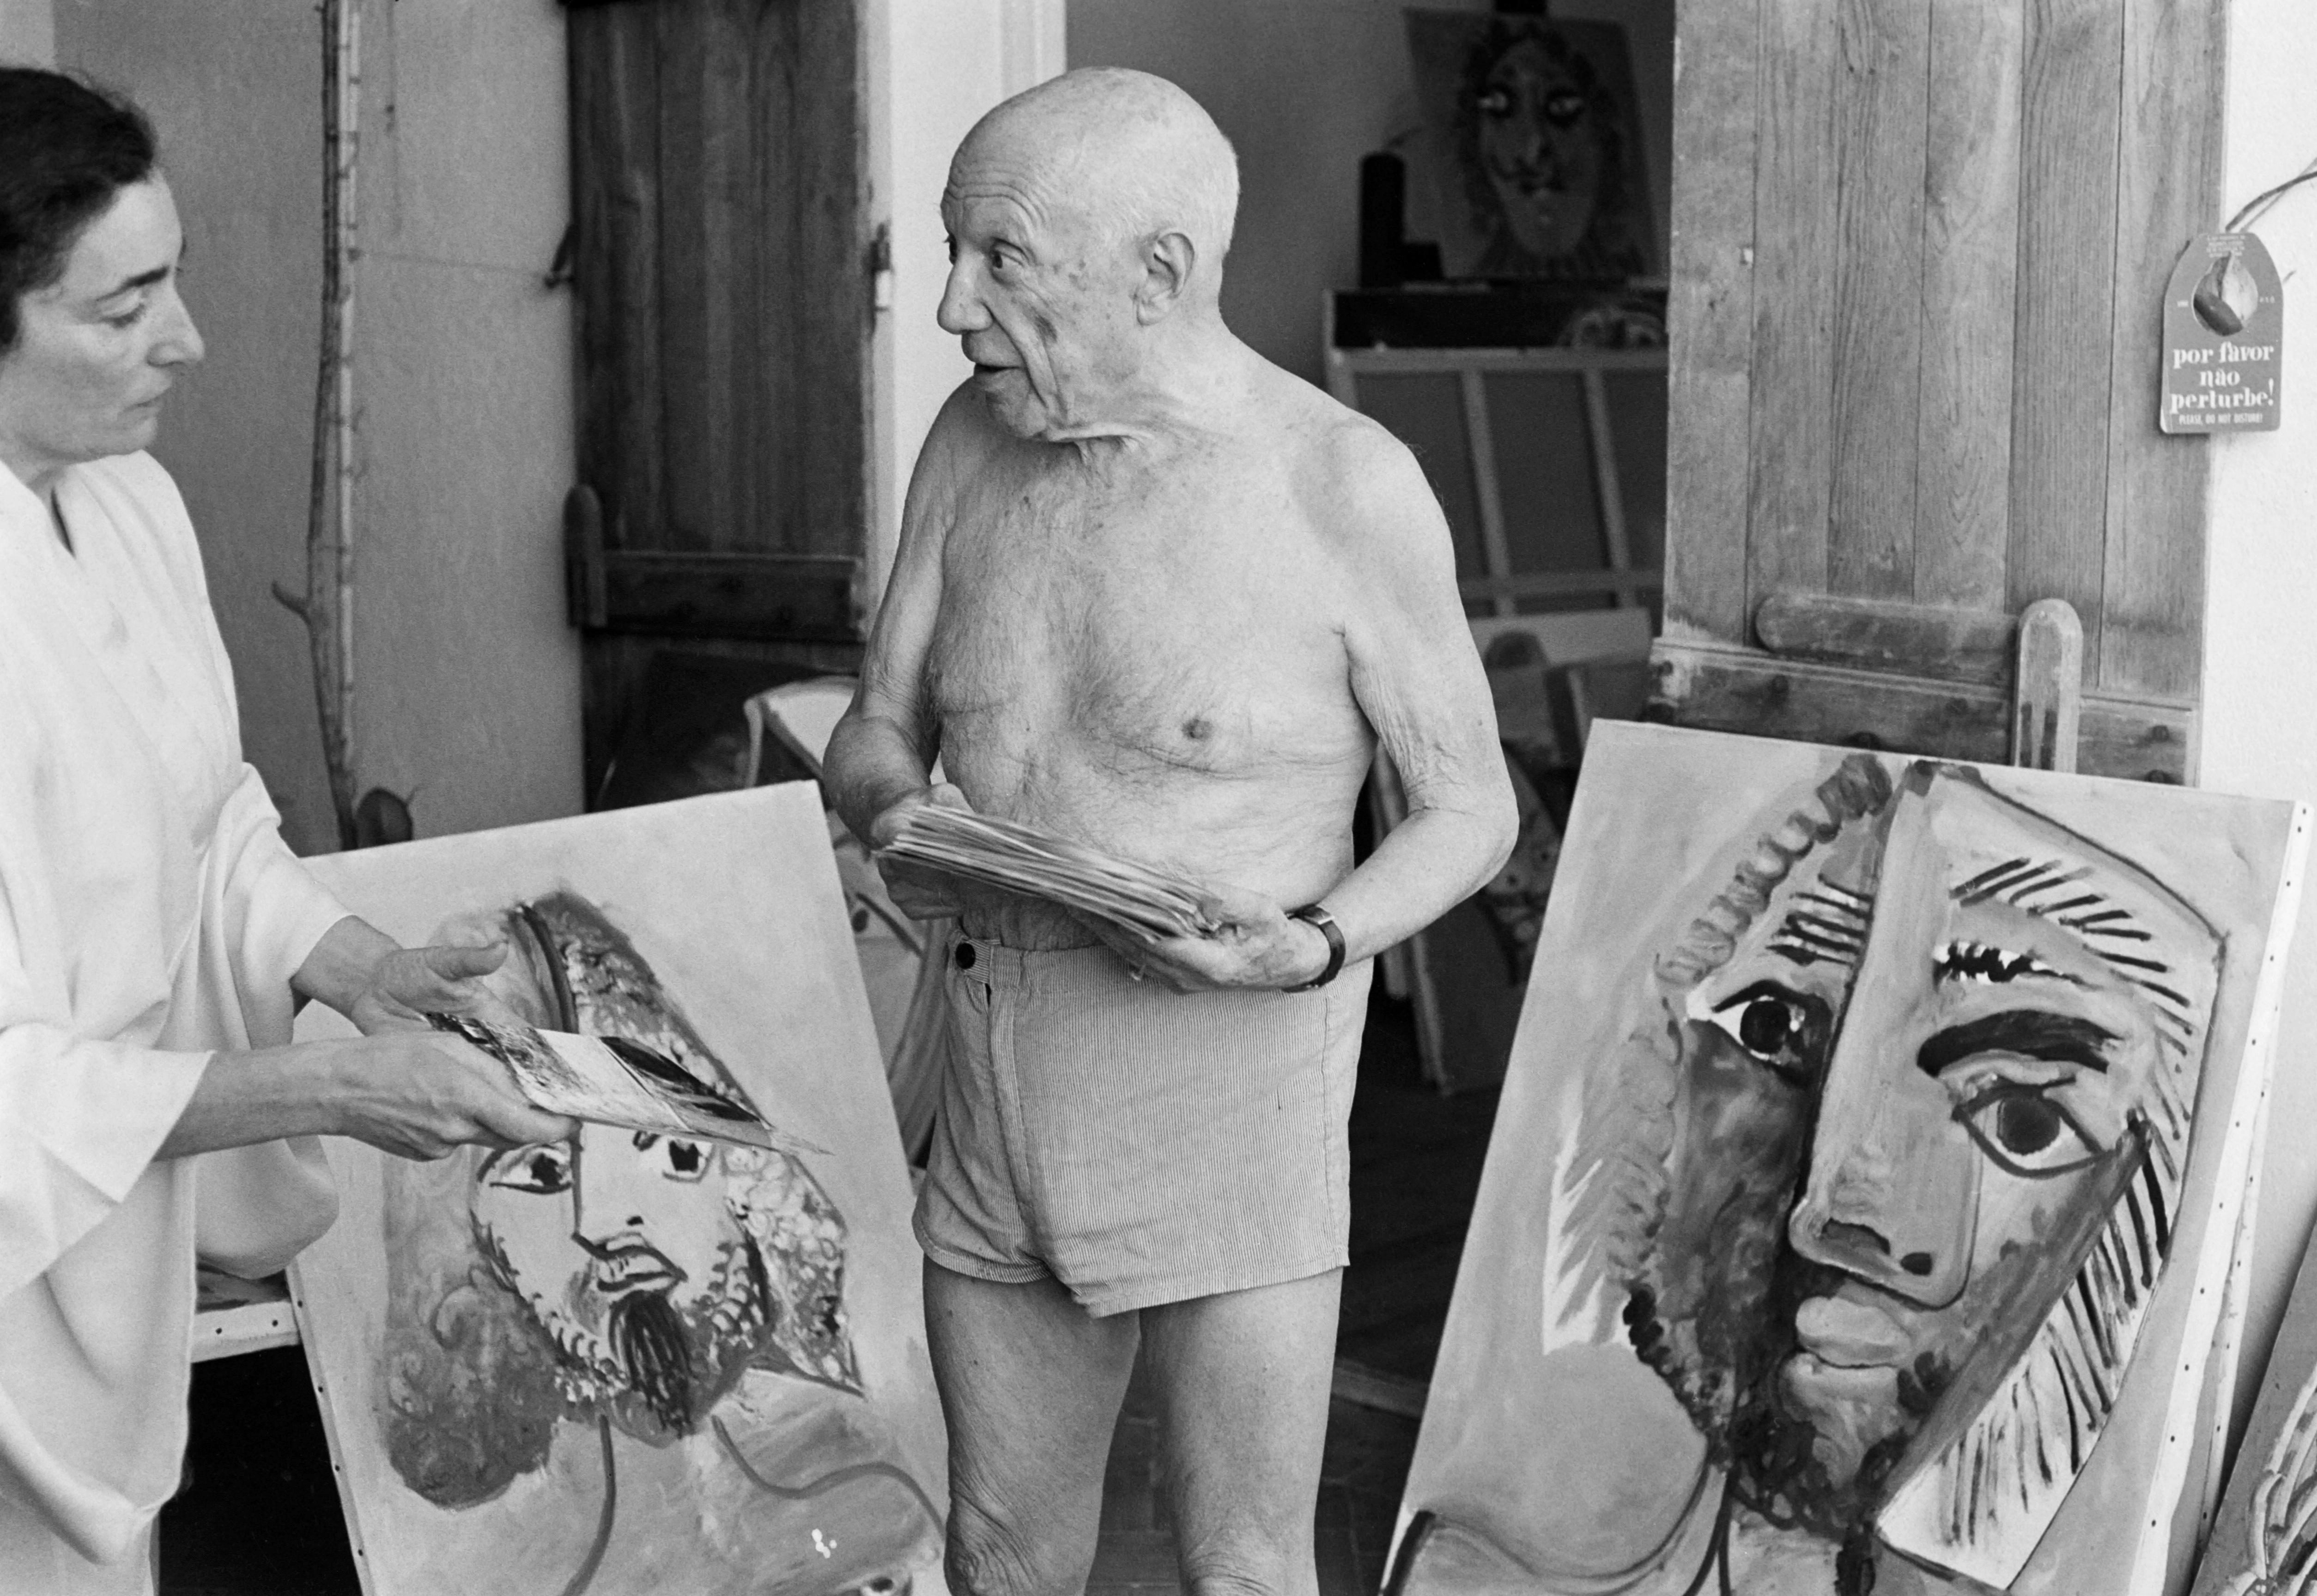 Szkenneléssel vizsgálták Picasso festményét, és egy másikat találtak alatta